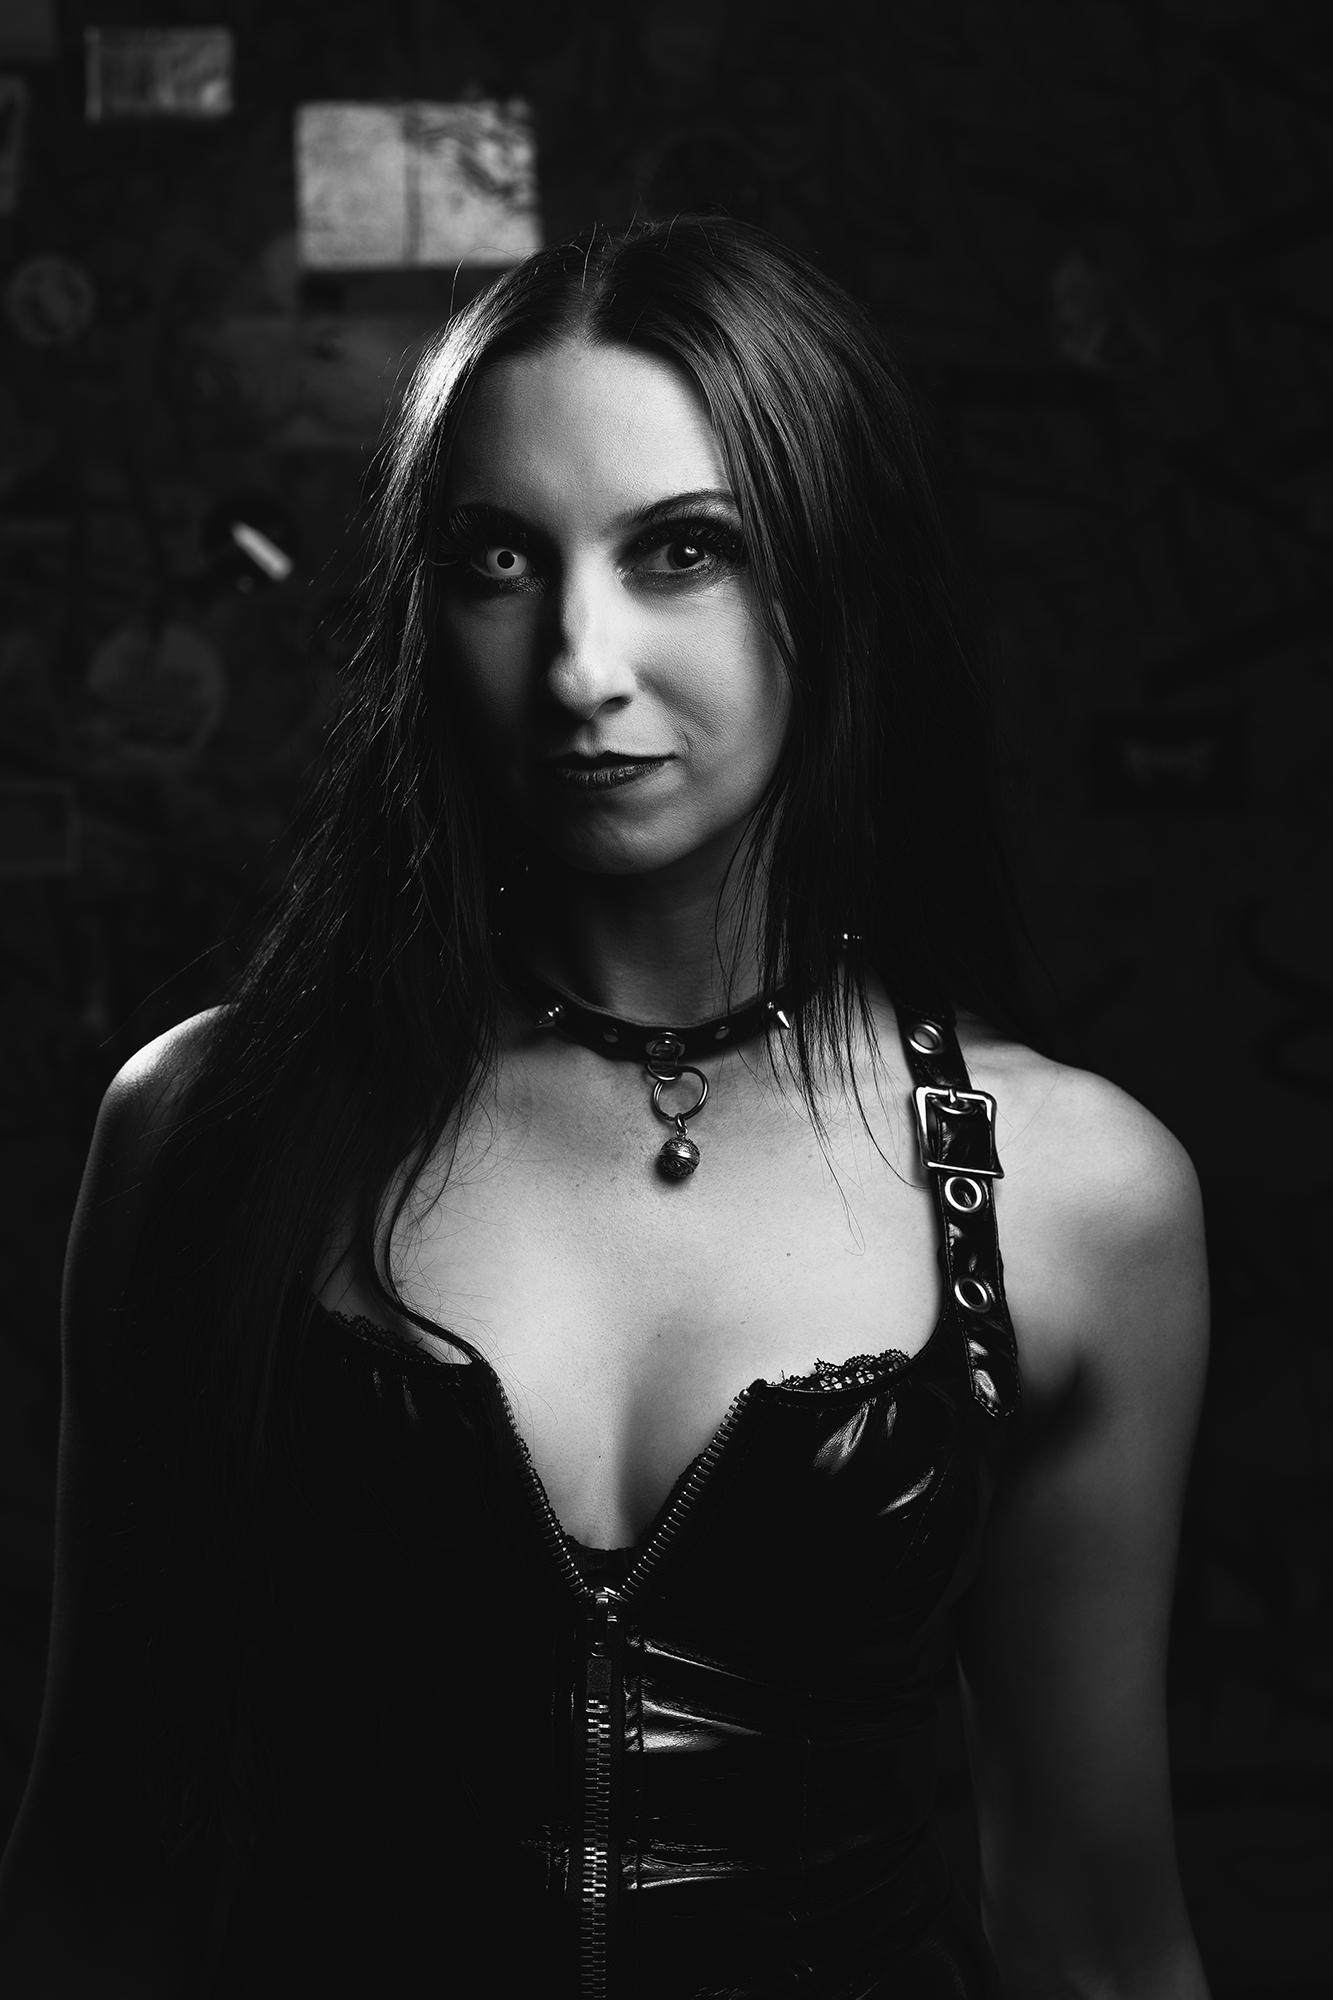 erin blackie - vocalsDeath of art